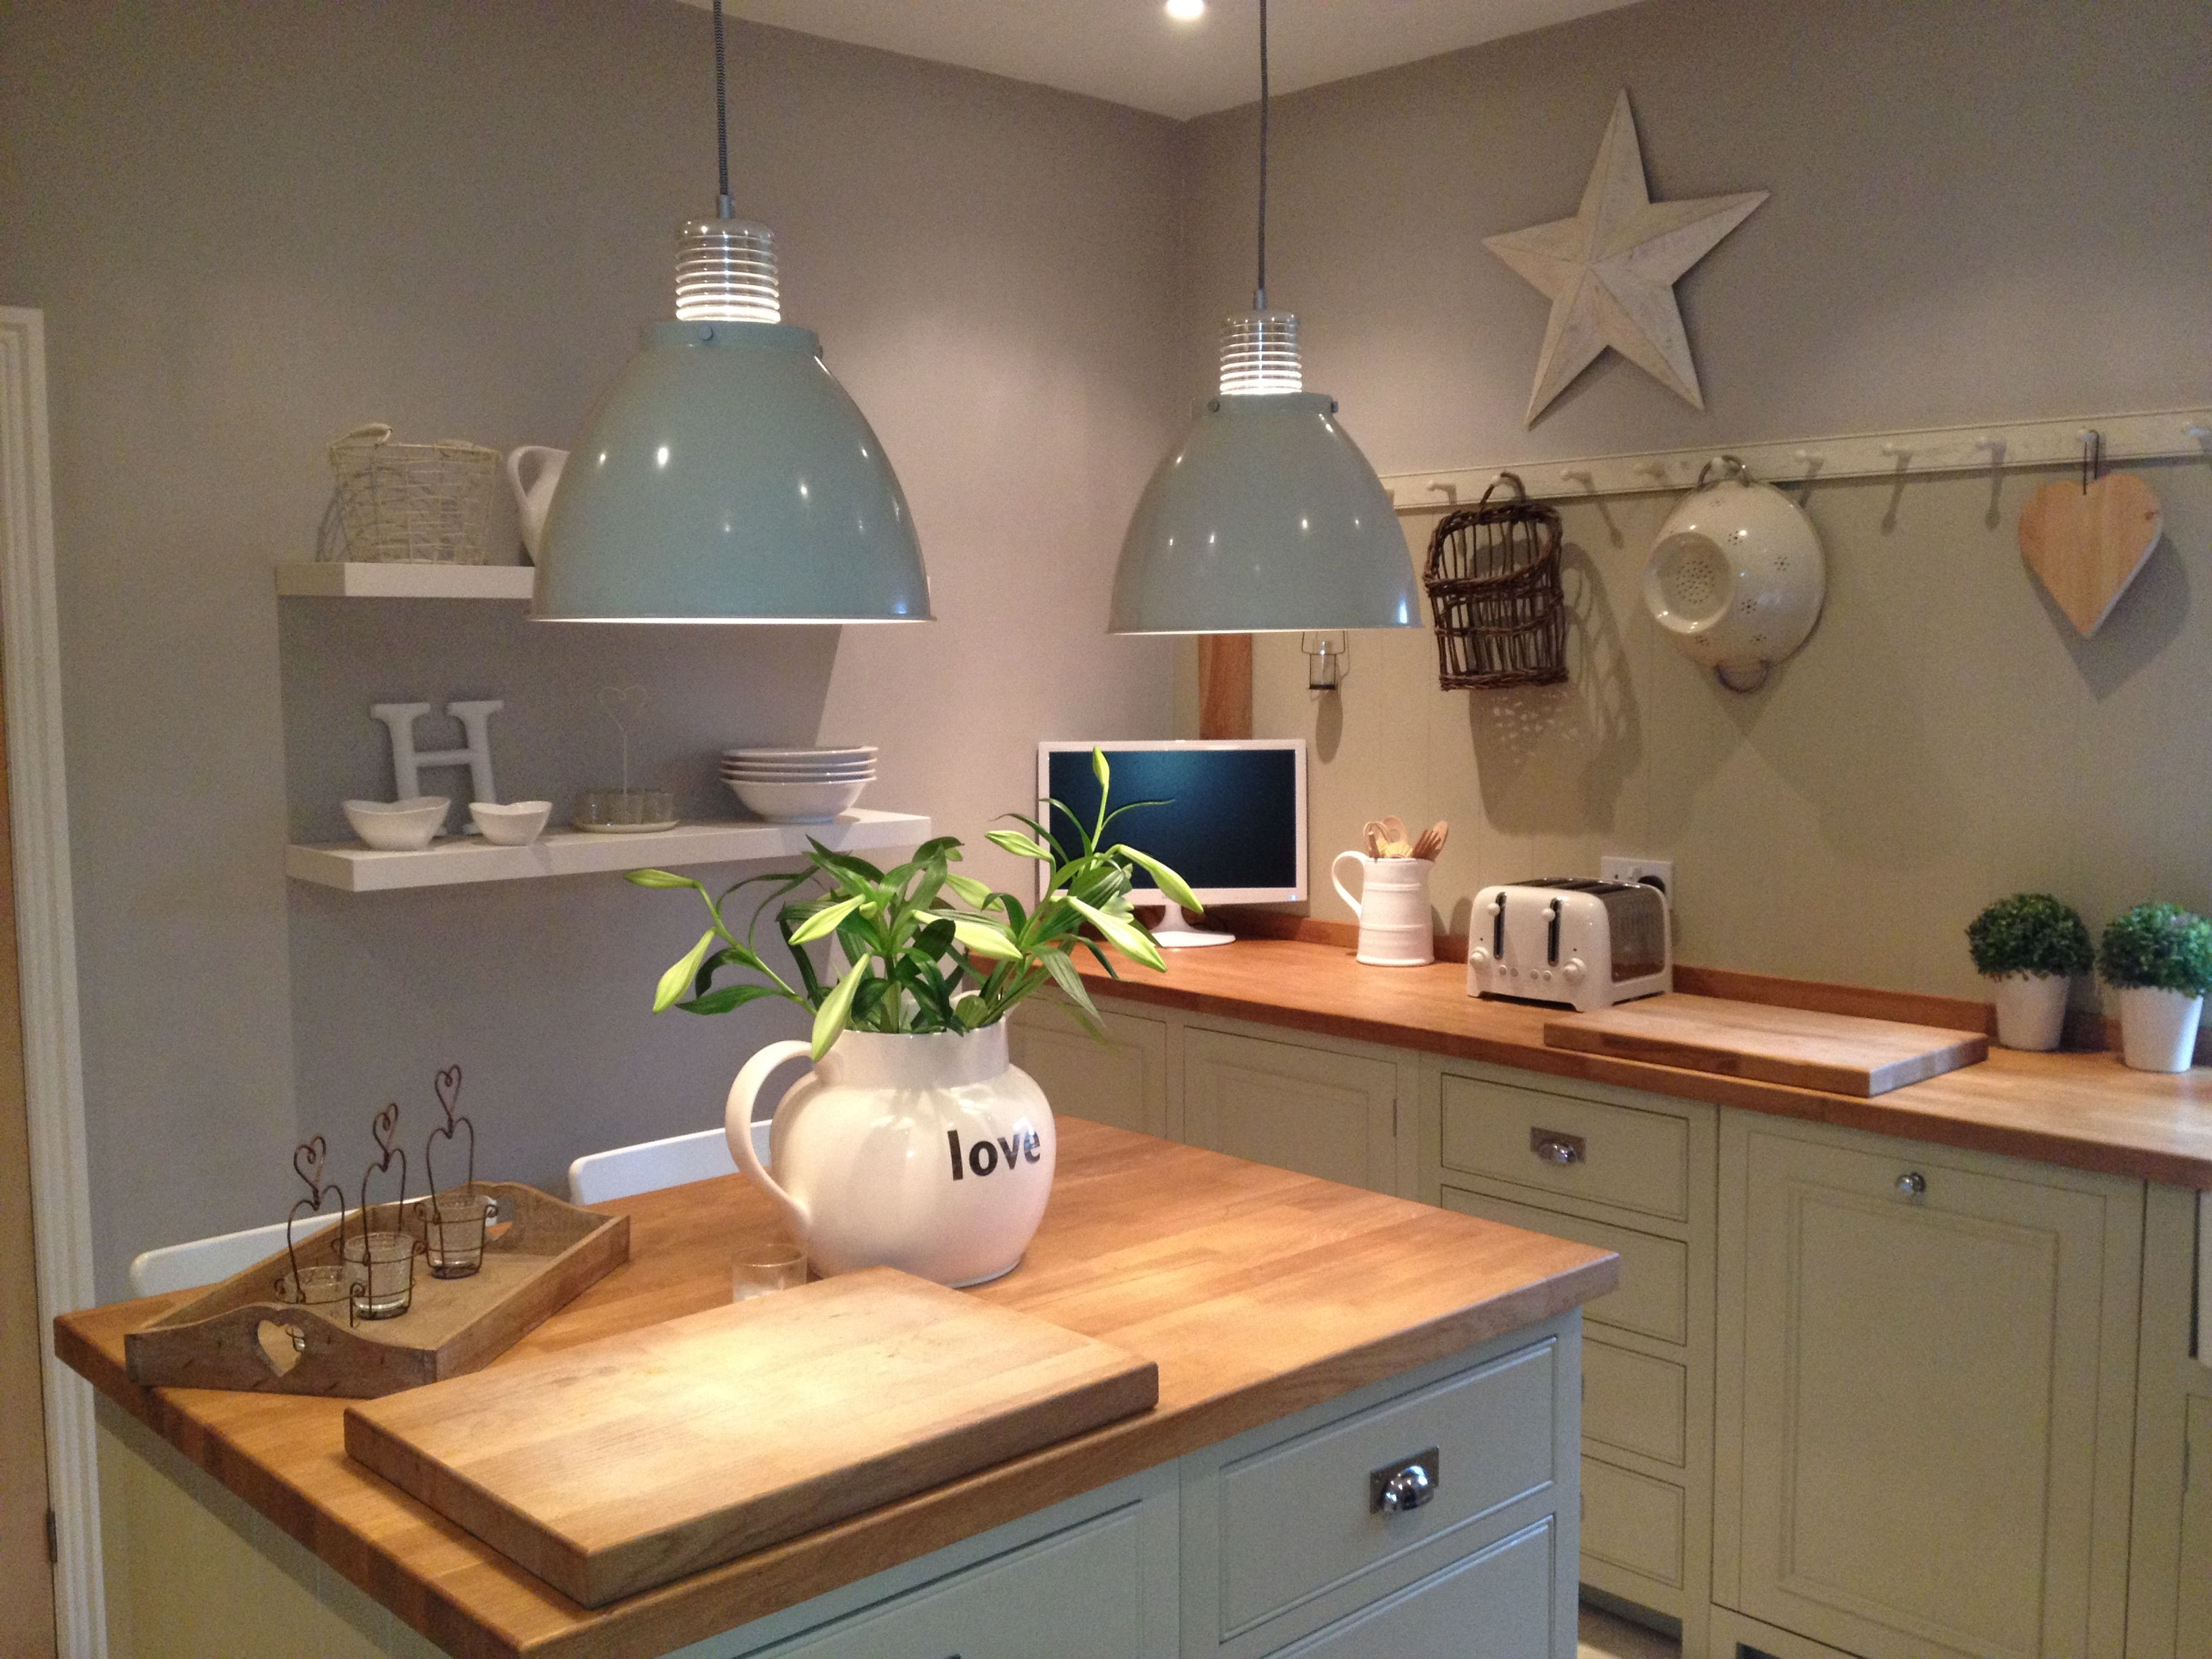 Fahnenbruck Küchen ~ Shaker kitchen lovely lights küche und essplatz pinterest